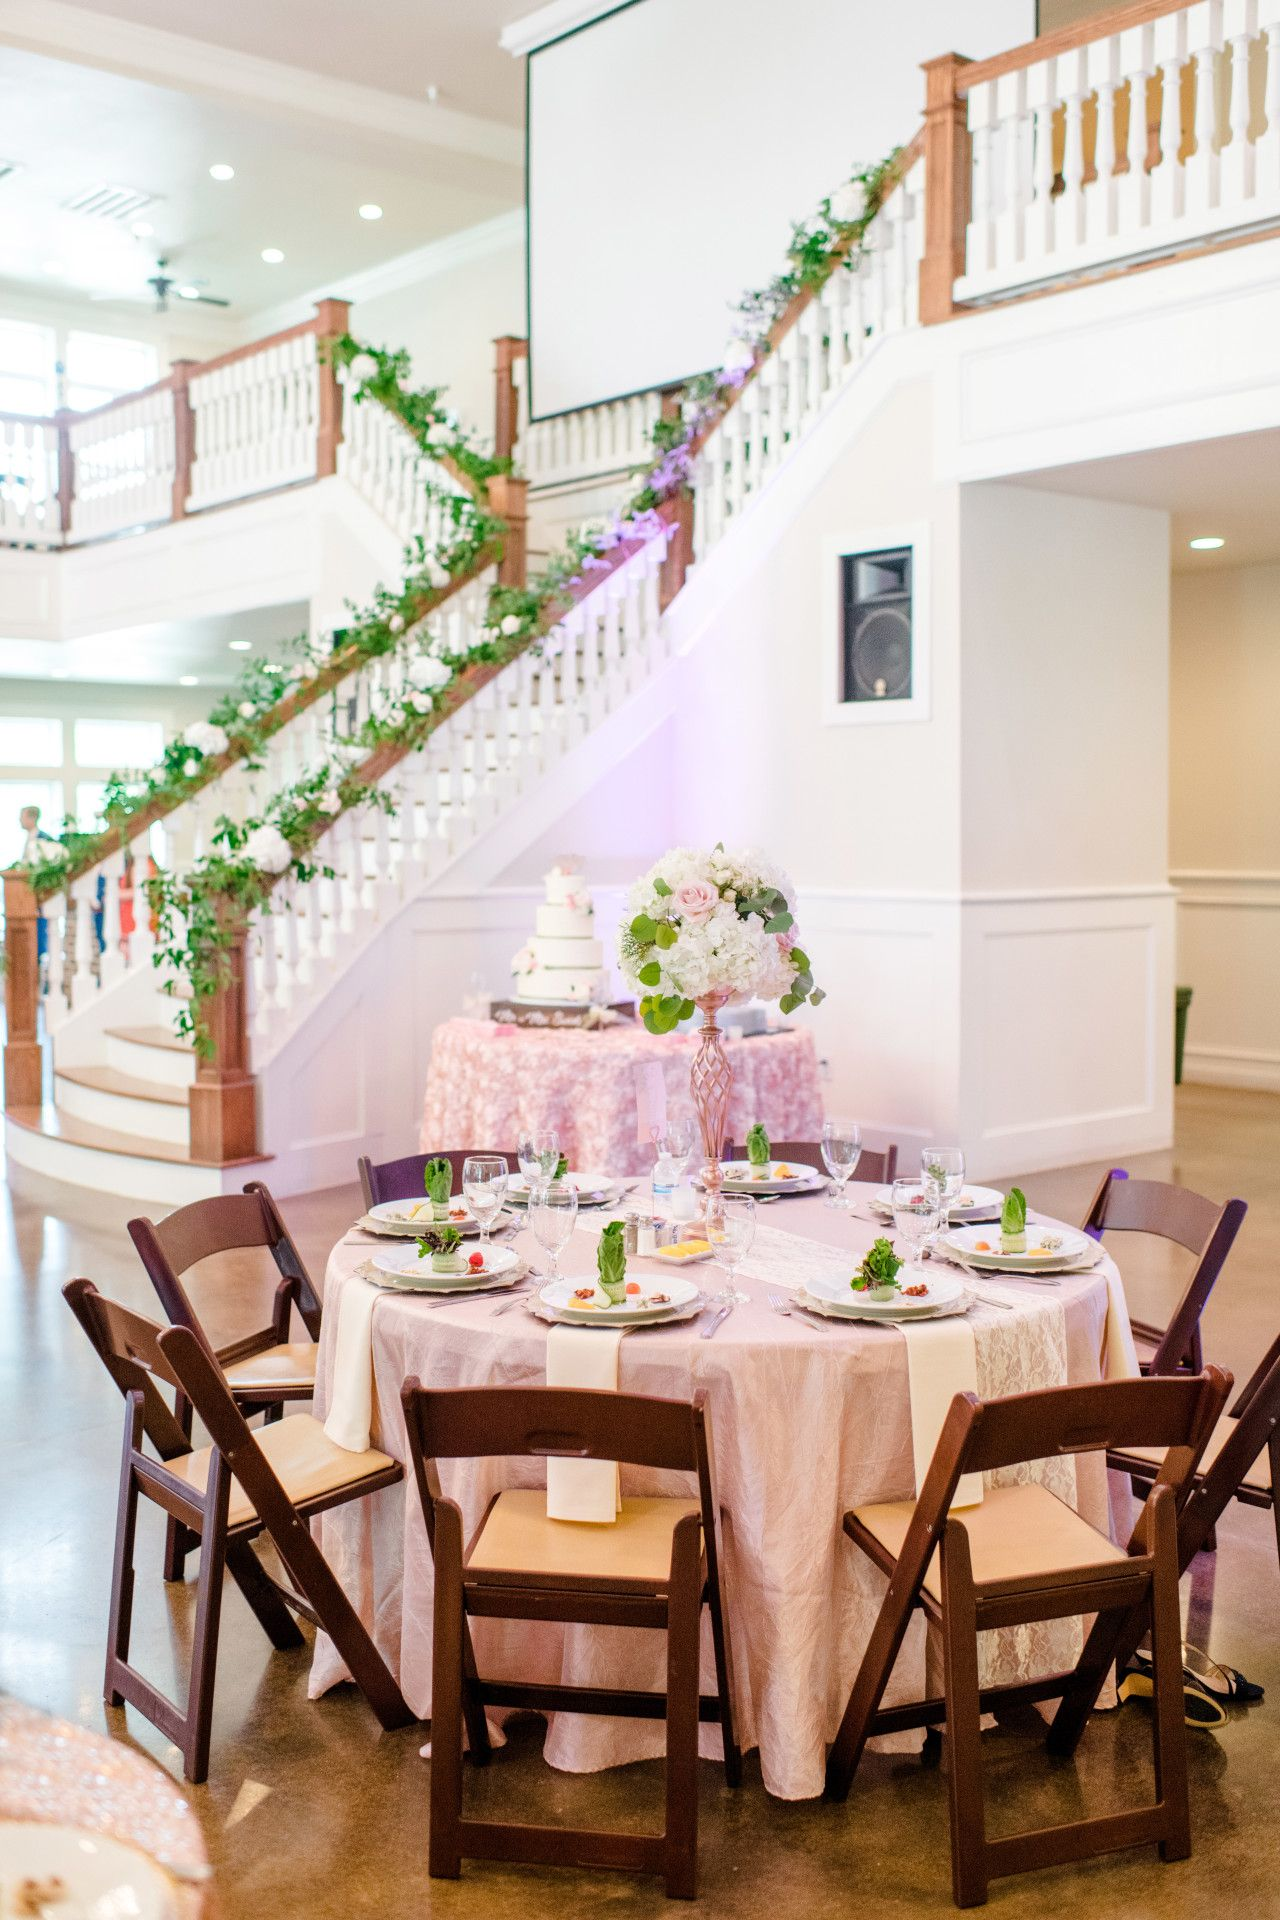 Wedding reception wedding decor ideas  blush pink wedding reception with greenery  elegant pink wedding